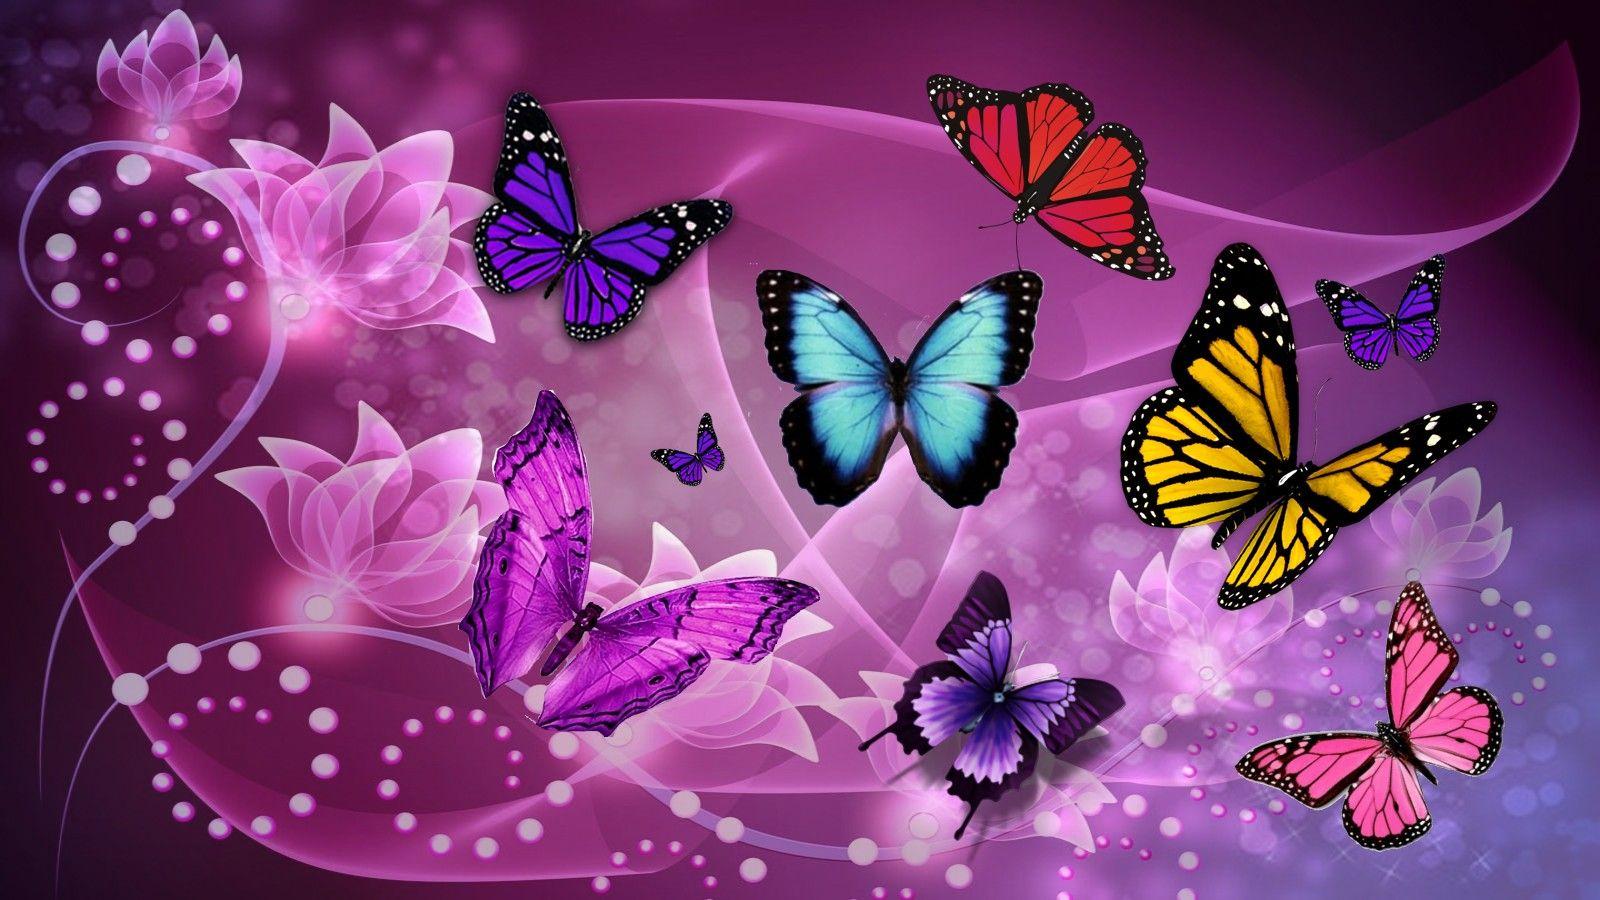 Butterfly Fantasy Pc Purple Wallpaper Pinterest Butterfly